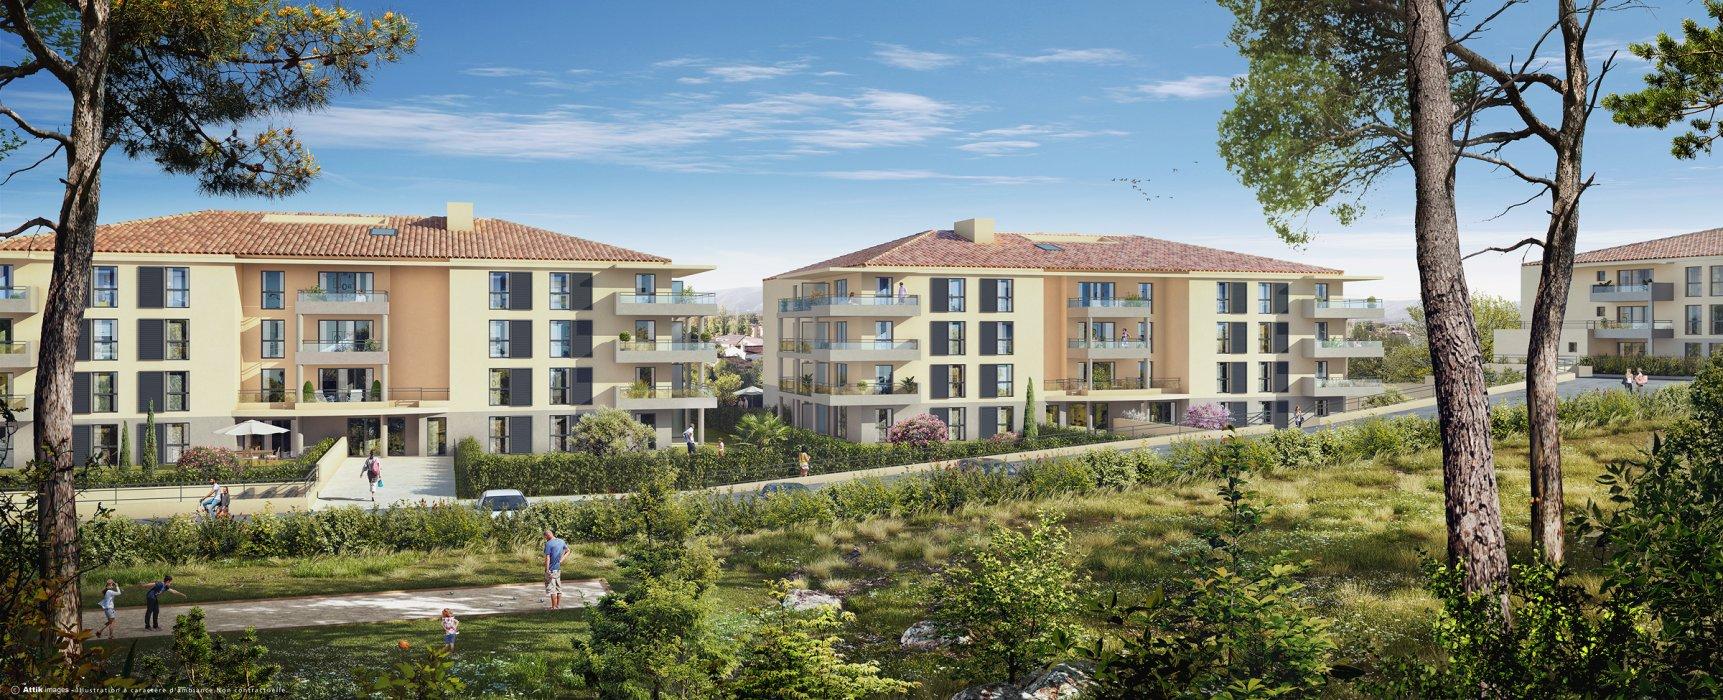 Programme immobilier VIN31 appartement à Brignoles (83170) Ville typiquement provençale